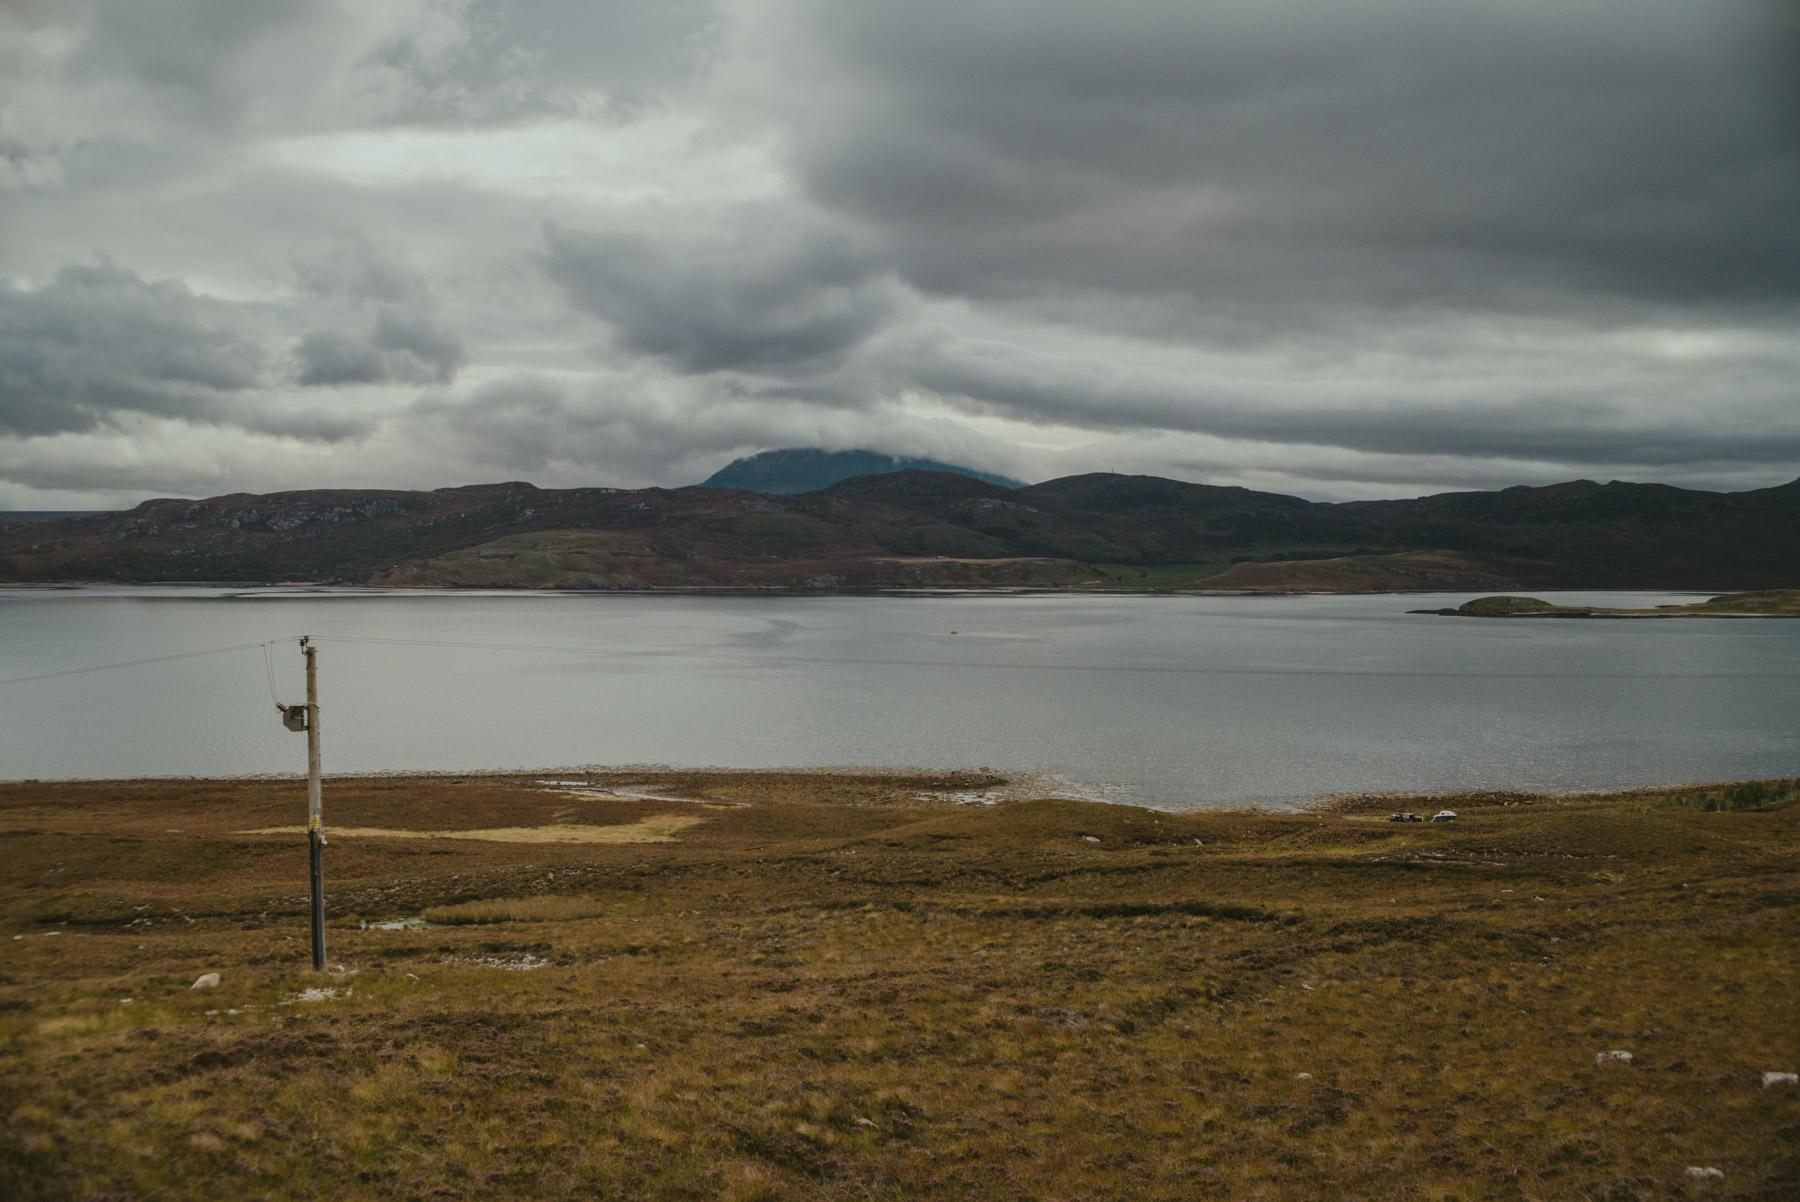 Landscape in Isle of Skye, Scotland - Paesaggio nell'Isola di Skye in Scozia